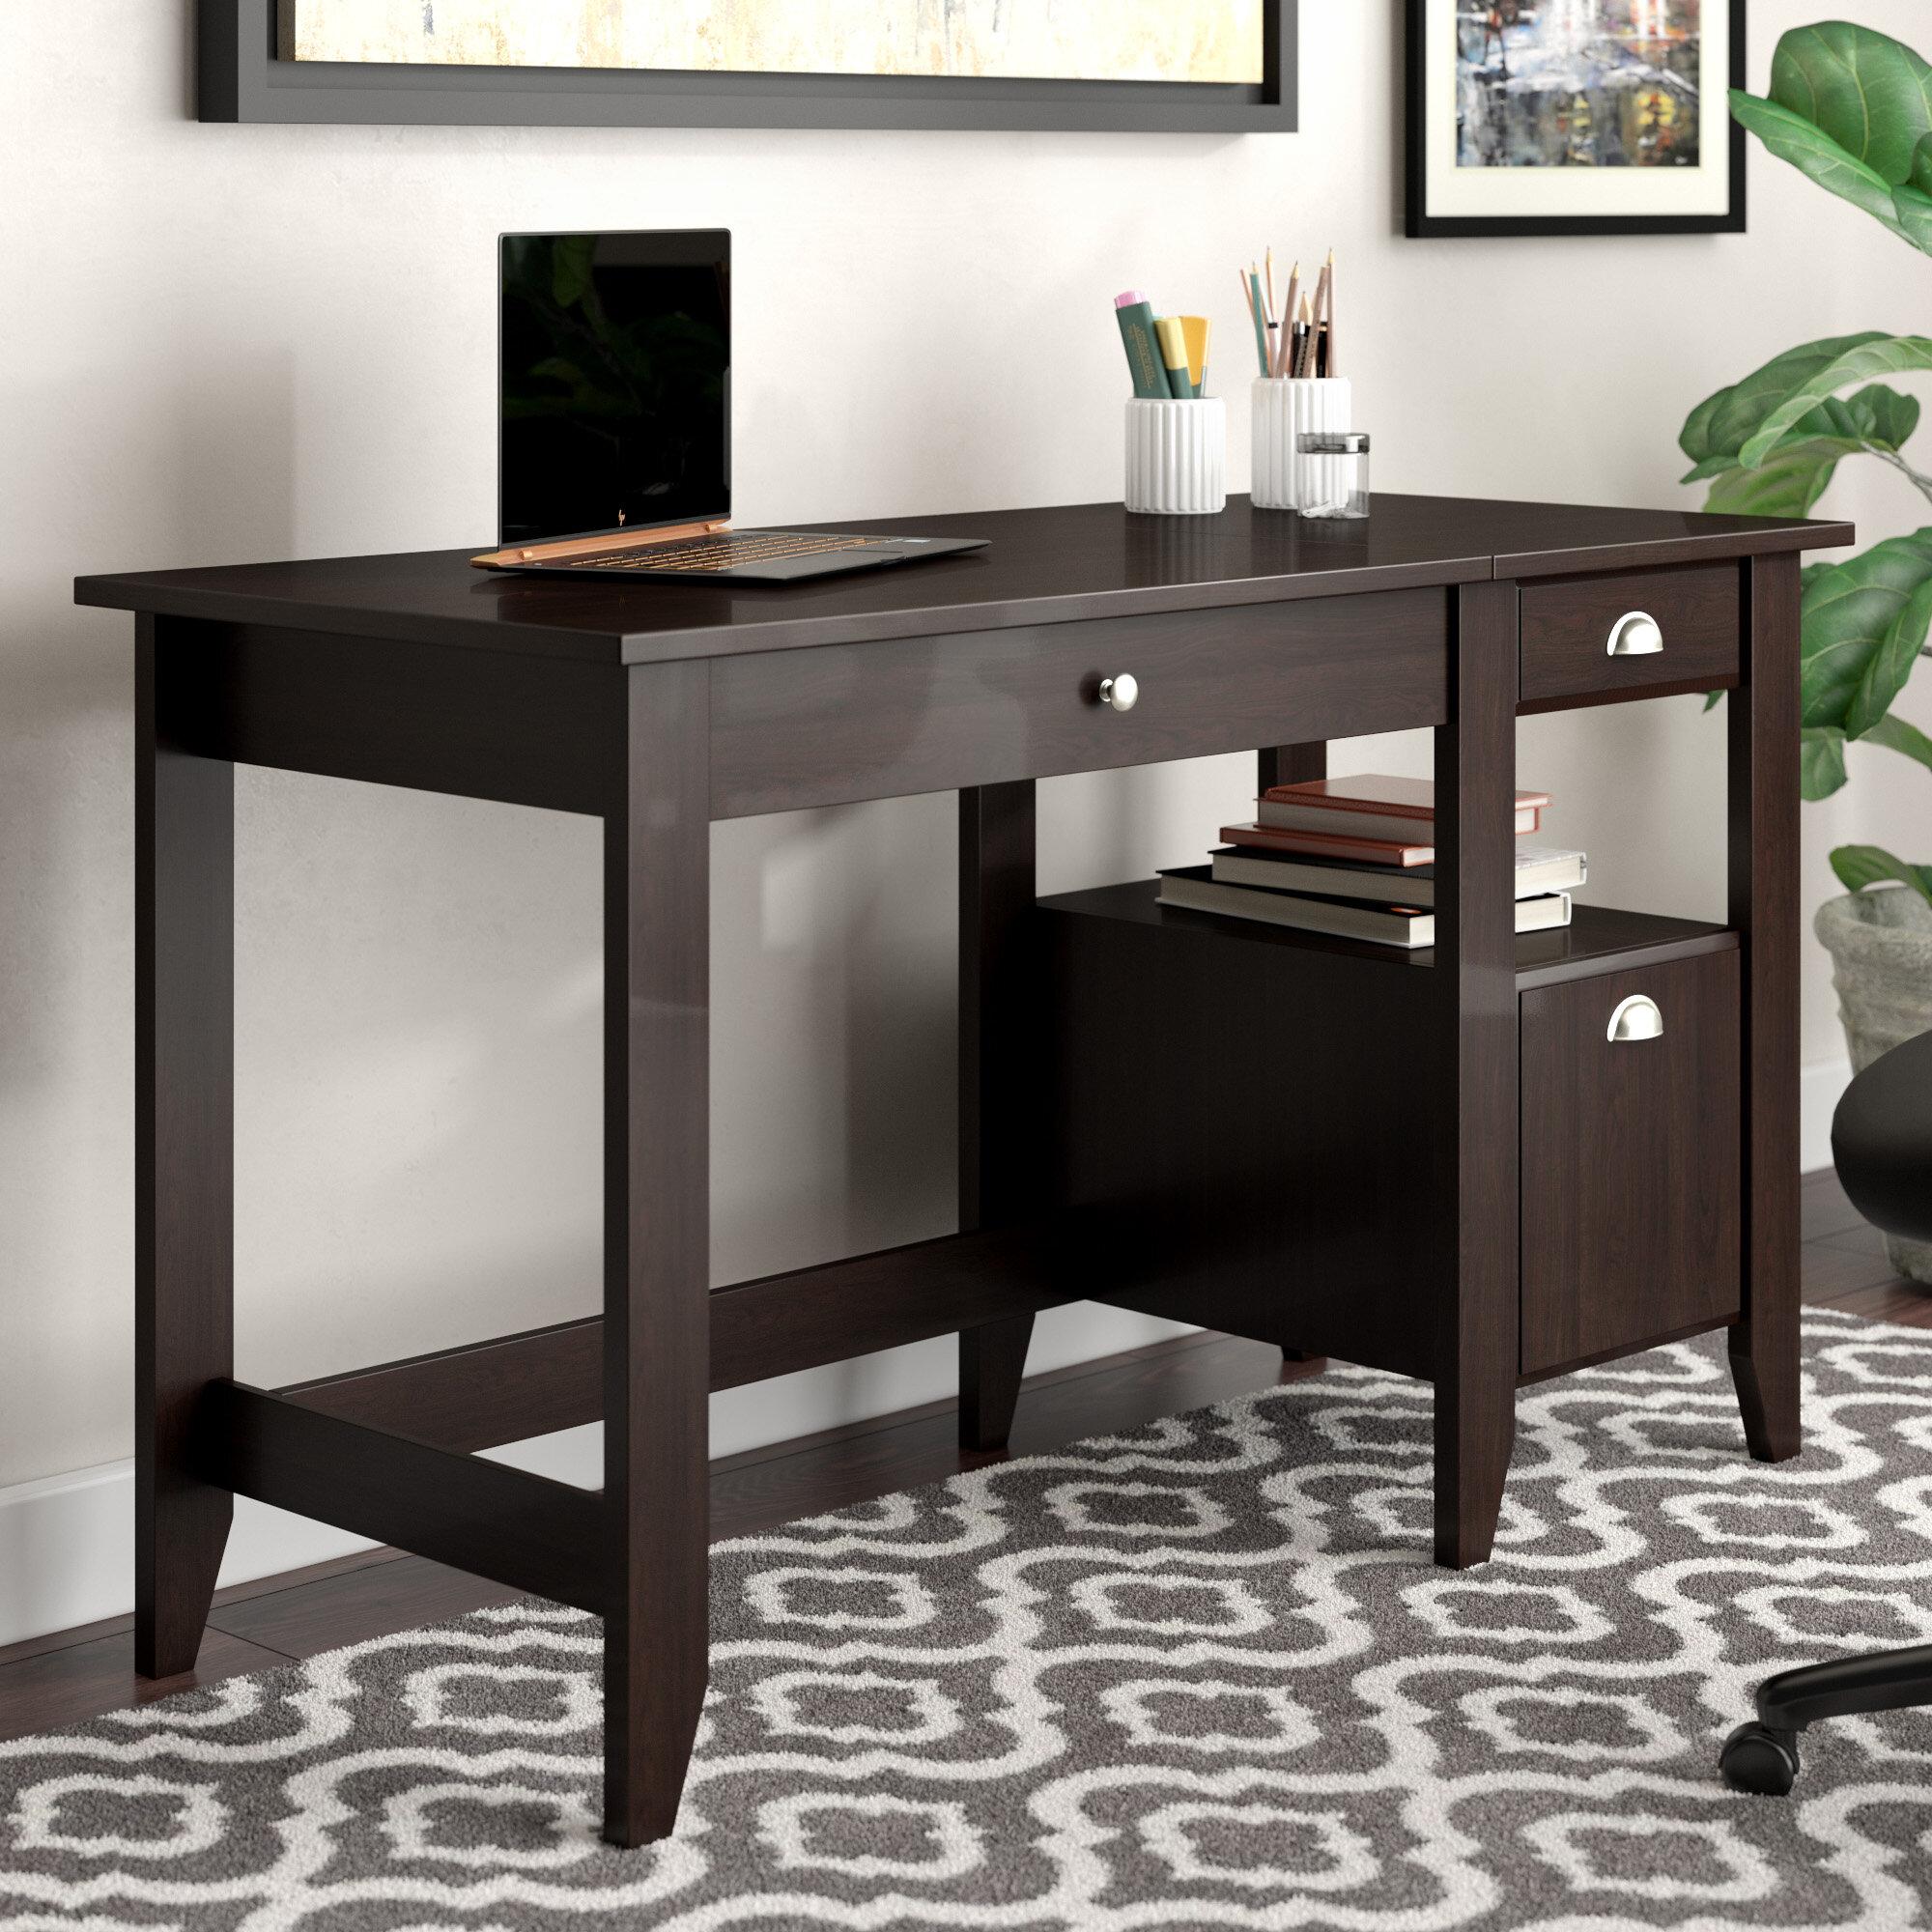 Andover Mills Revere Adjustable Standing Desk Reviews Wayfair